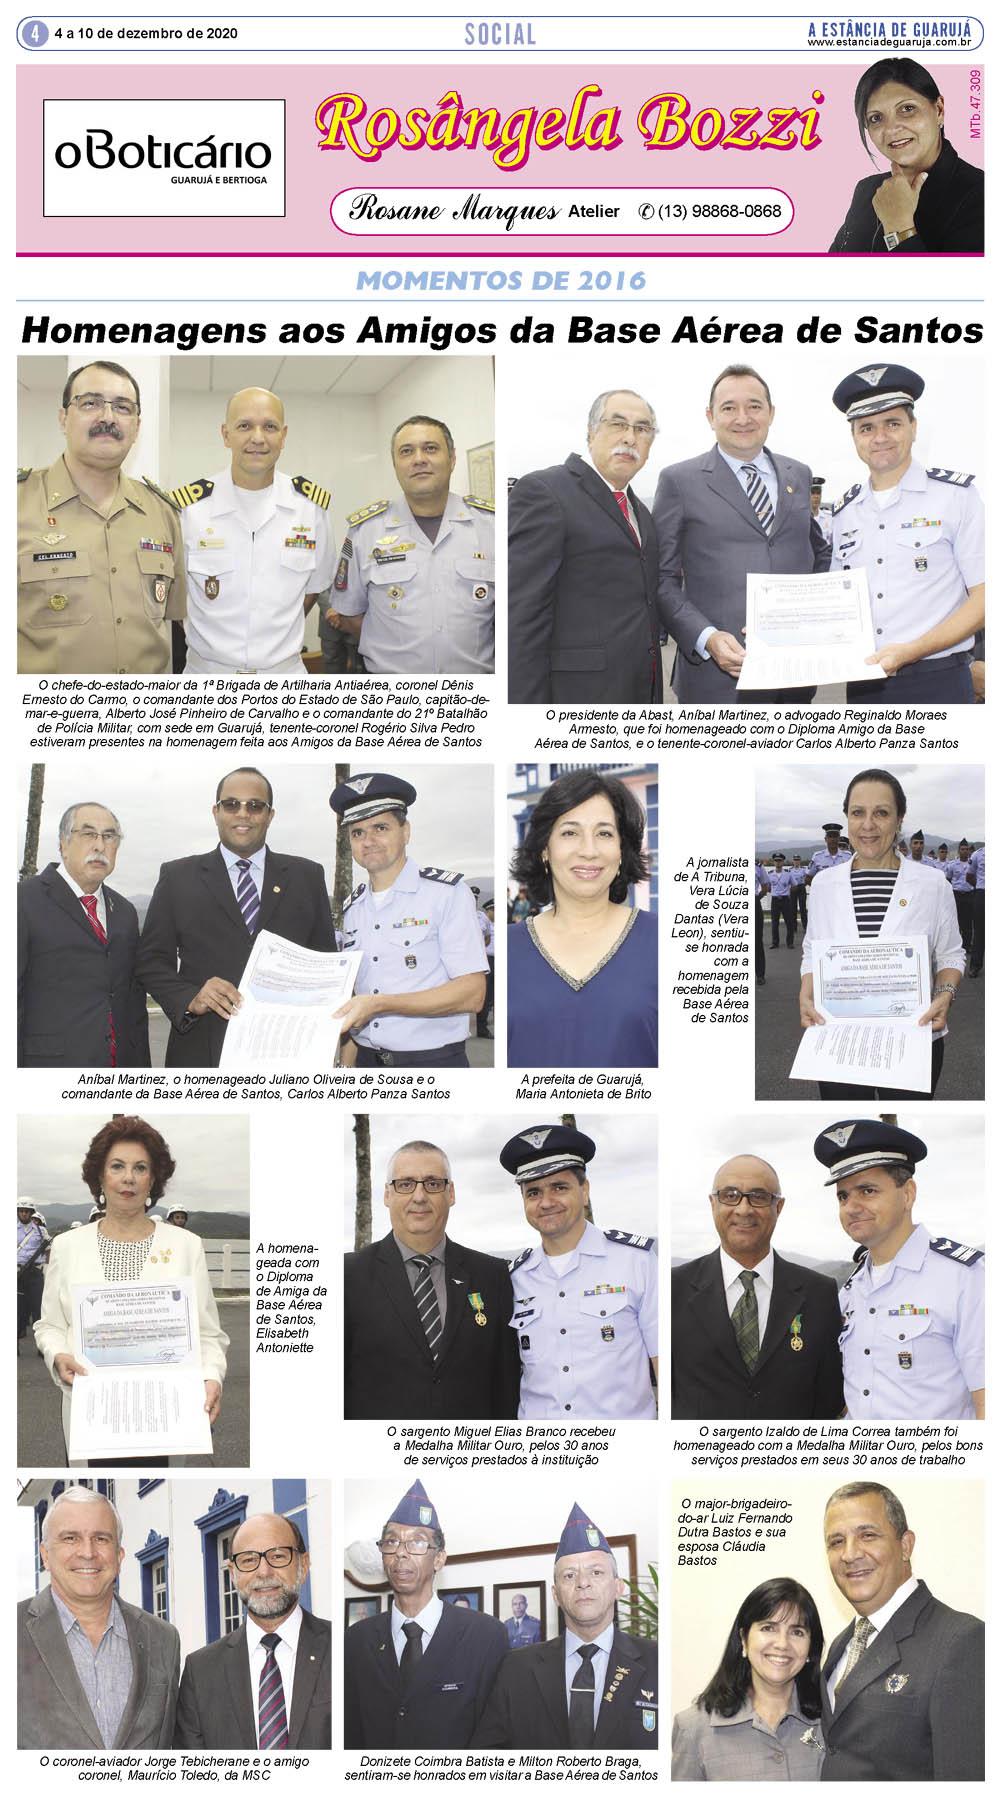 Homenagens aos Amigos da Base Aérea de Santos